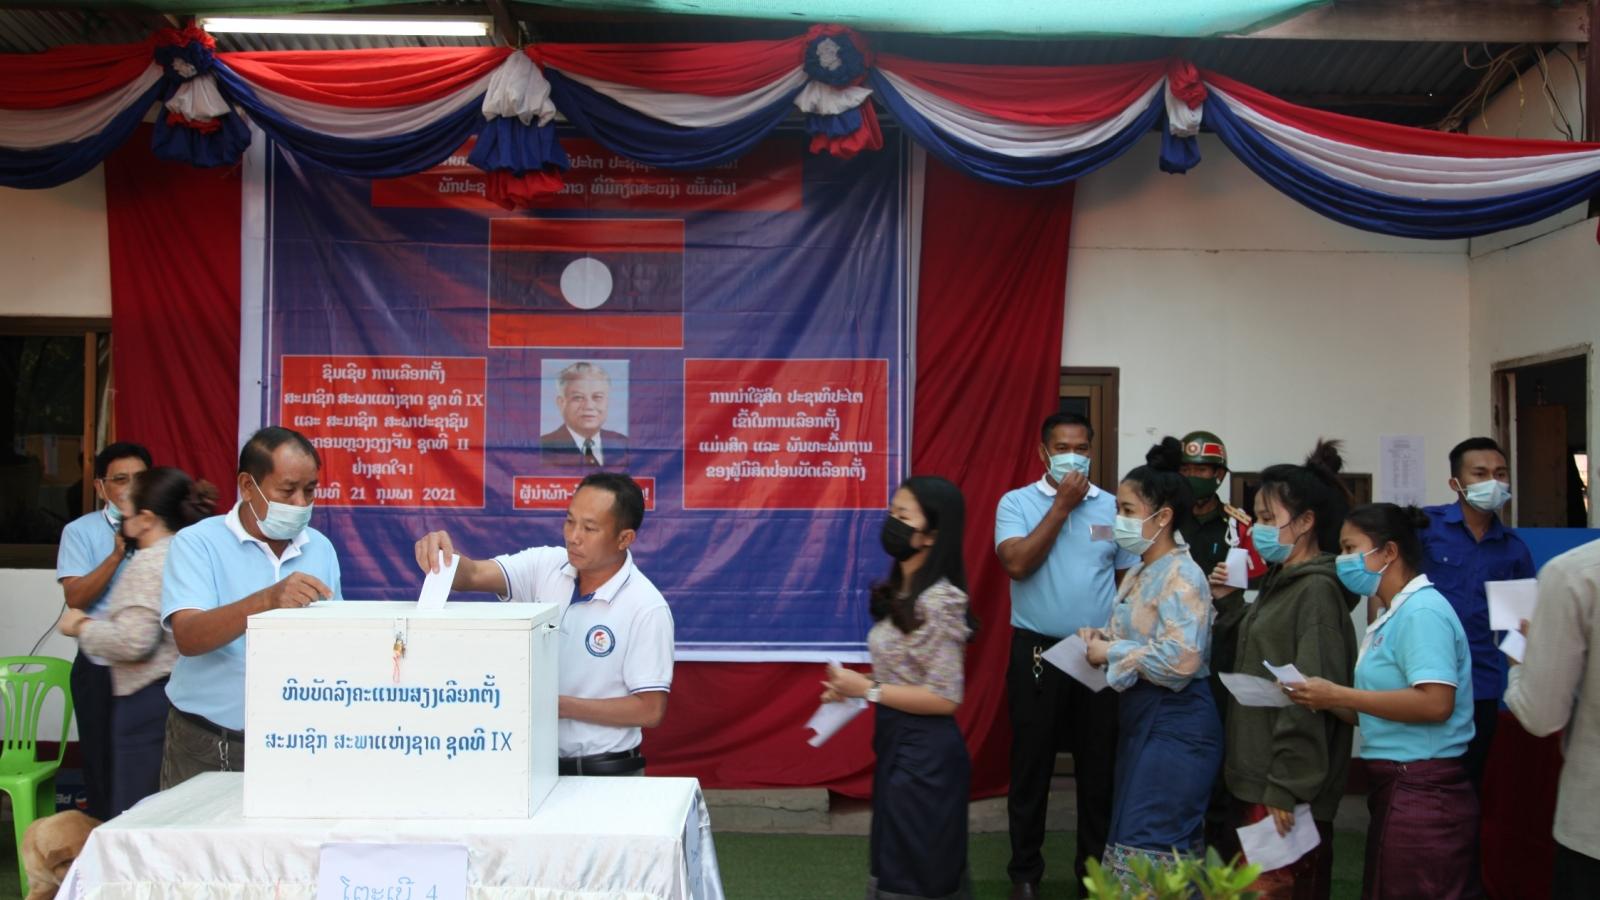 Lào sẽ công bố kết quả bầu cử Quốc hội sau một tuần